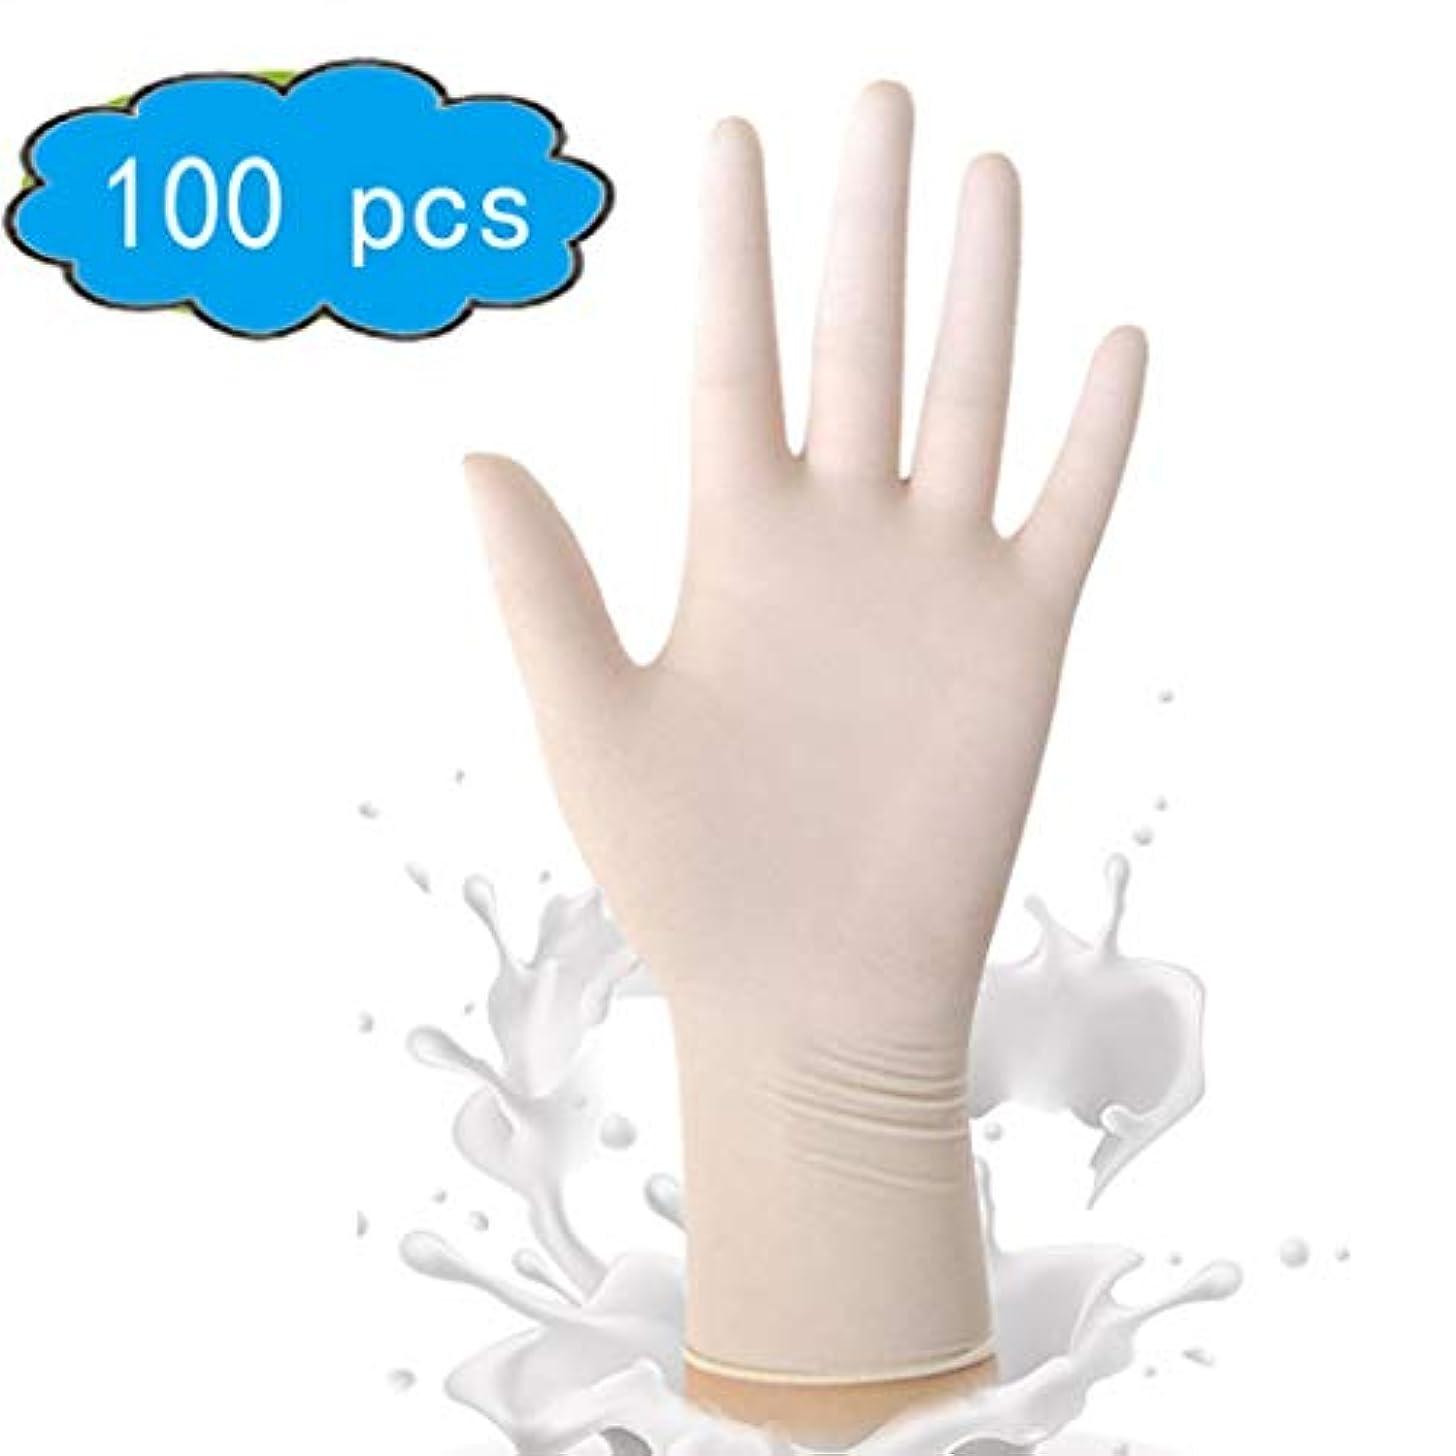 仕えるの約設定使い捨てラテックス手袋-医療用グレード、パウダーフリー、ラテックスゴムフリー、使い捨て、非滅菌、食品安全、テクスチャー、白色、厚く、100個入り、サイズ大、衛生手袋 (Color : White, Size : S)